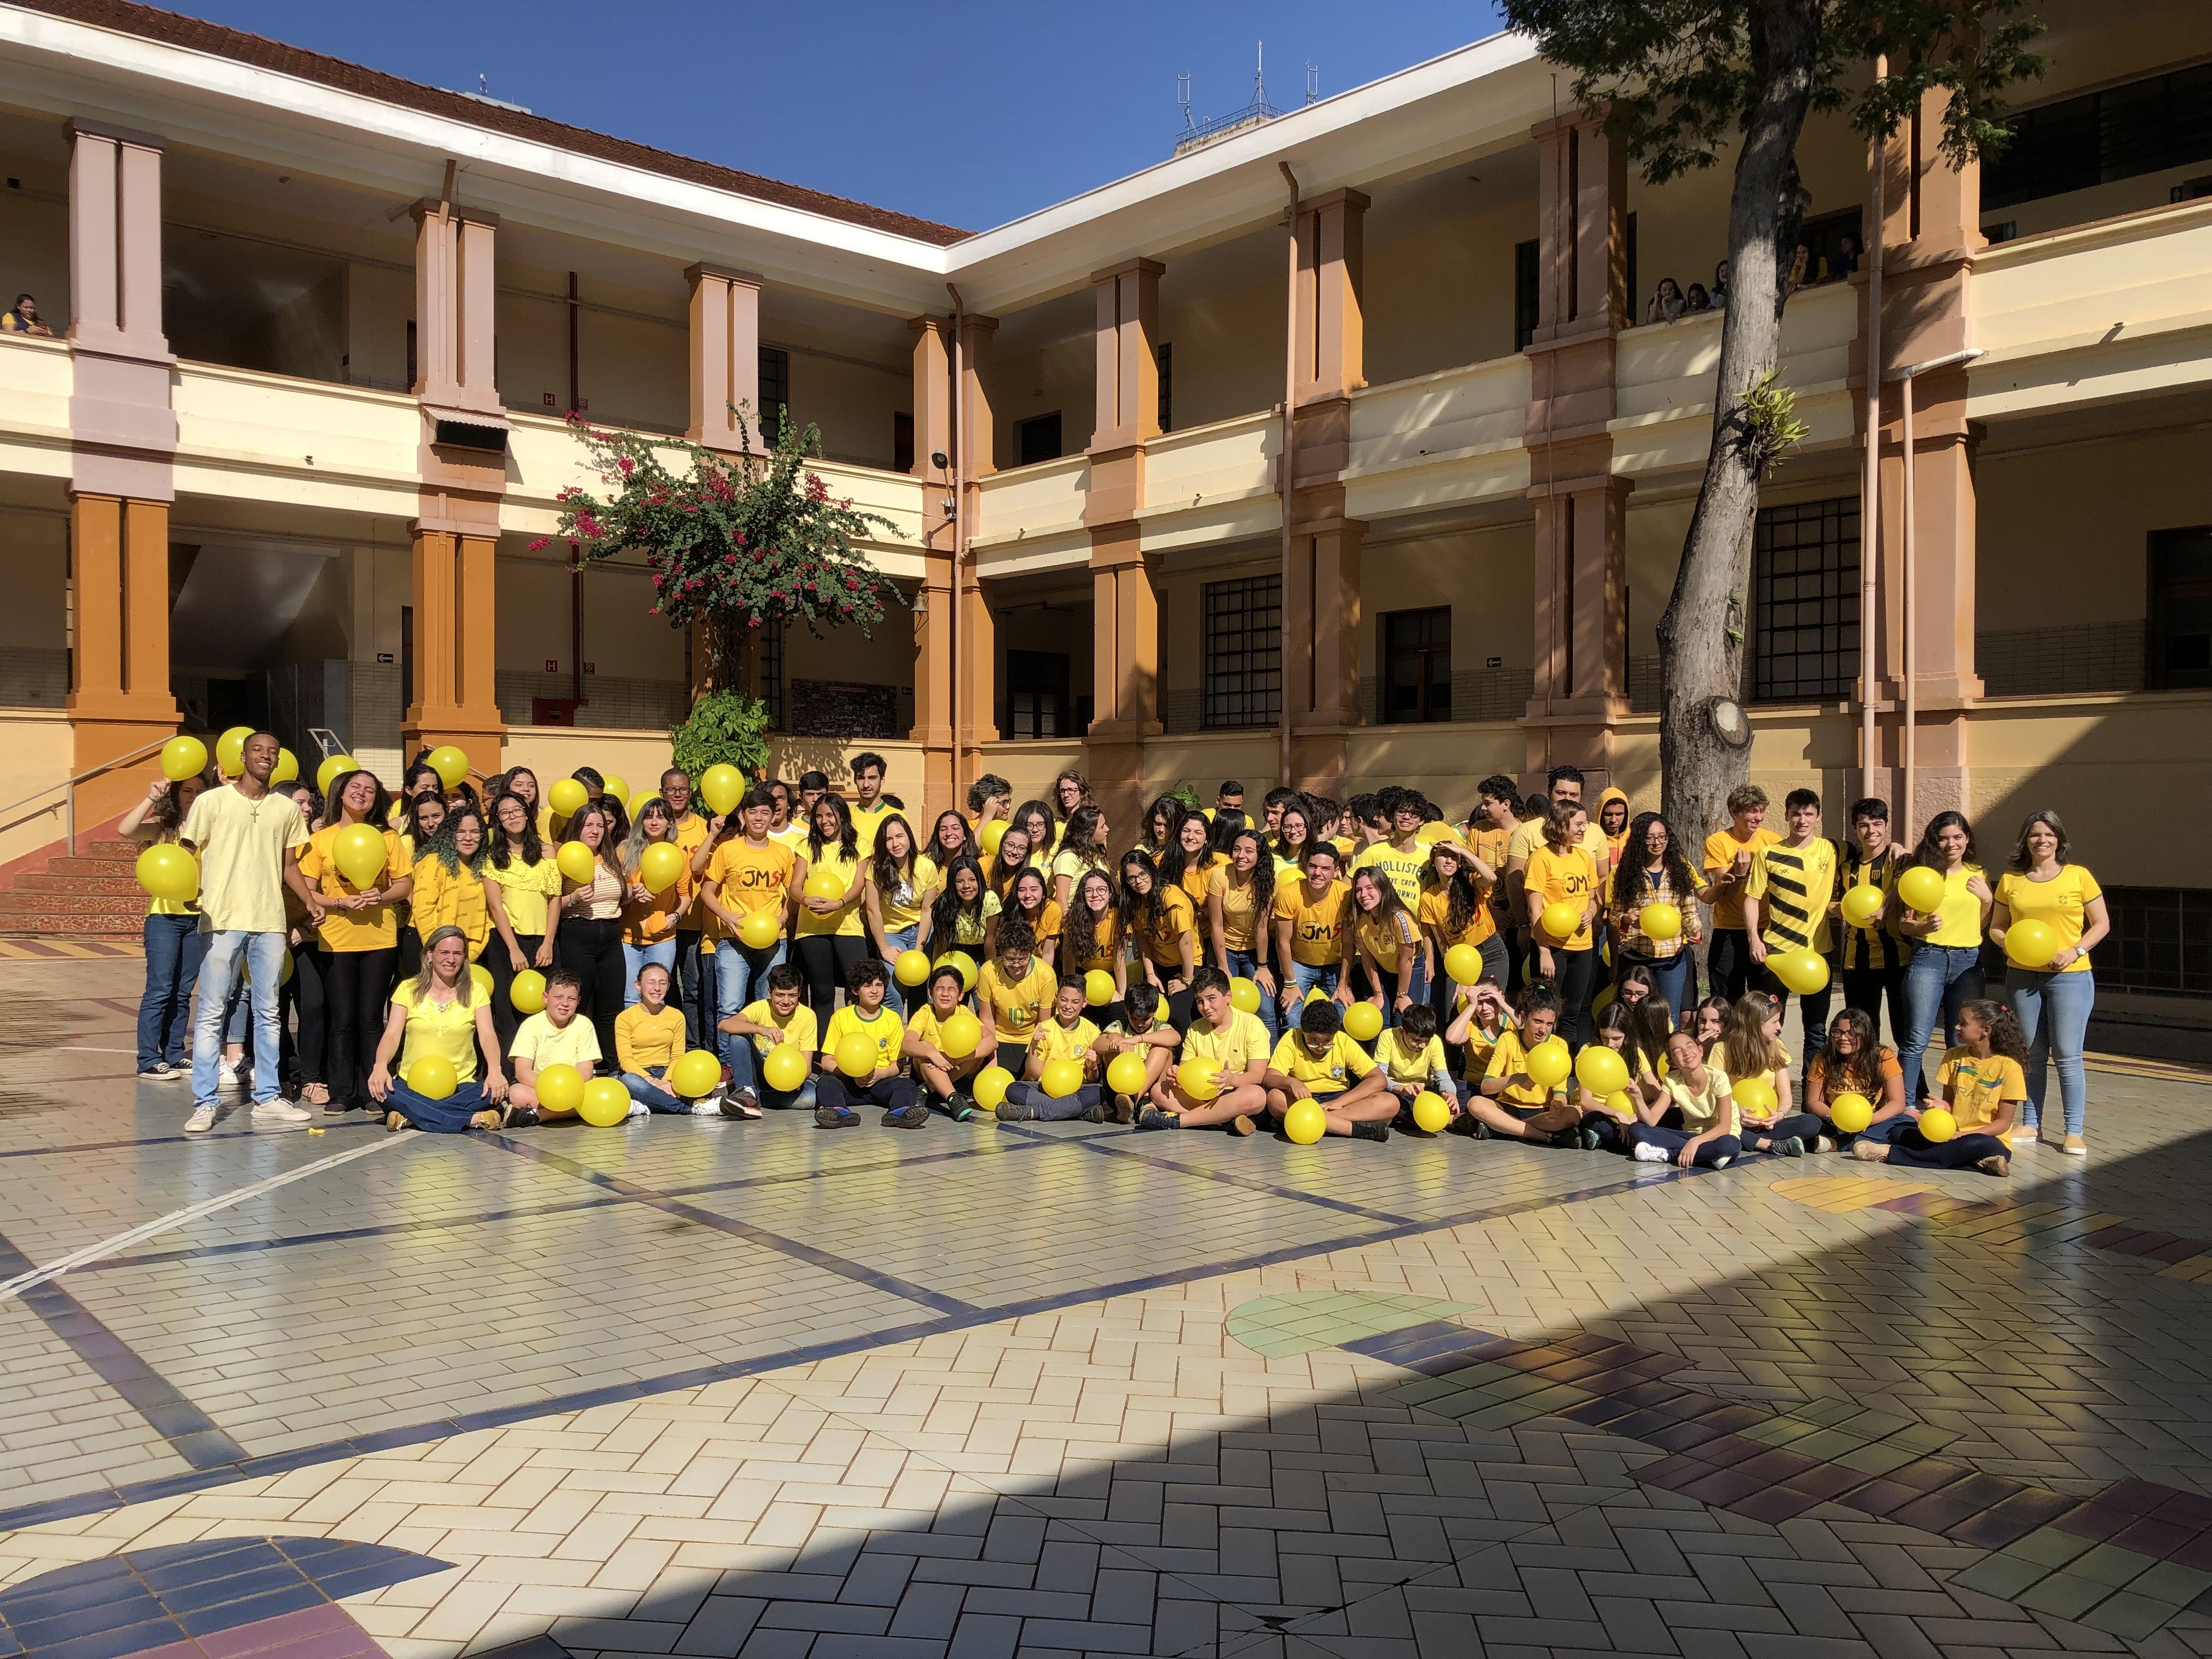 Auxiliadora veste amarelo em apoio à campanha de prevenção ao suicídio